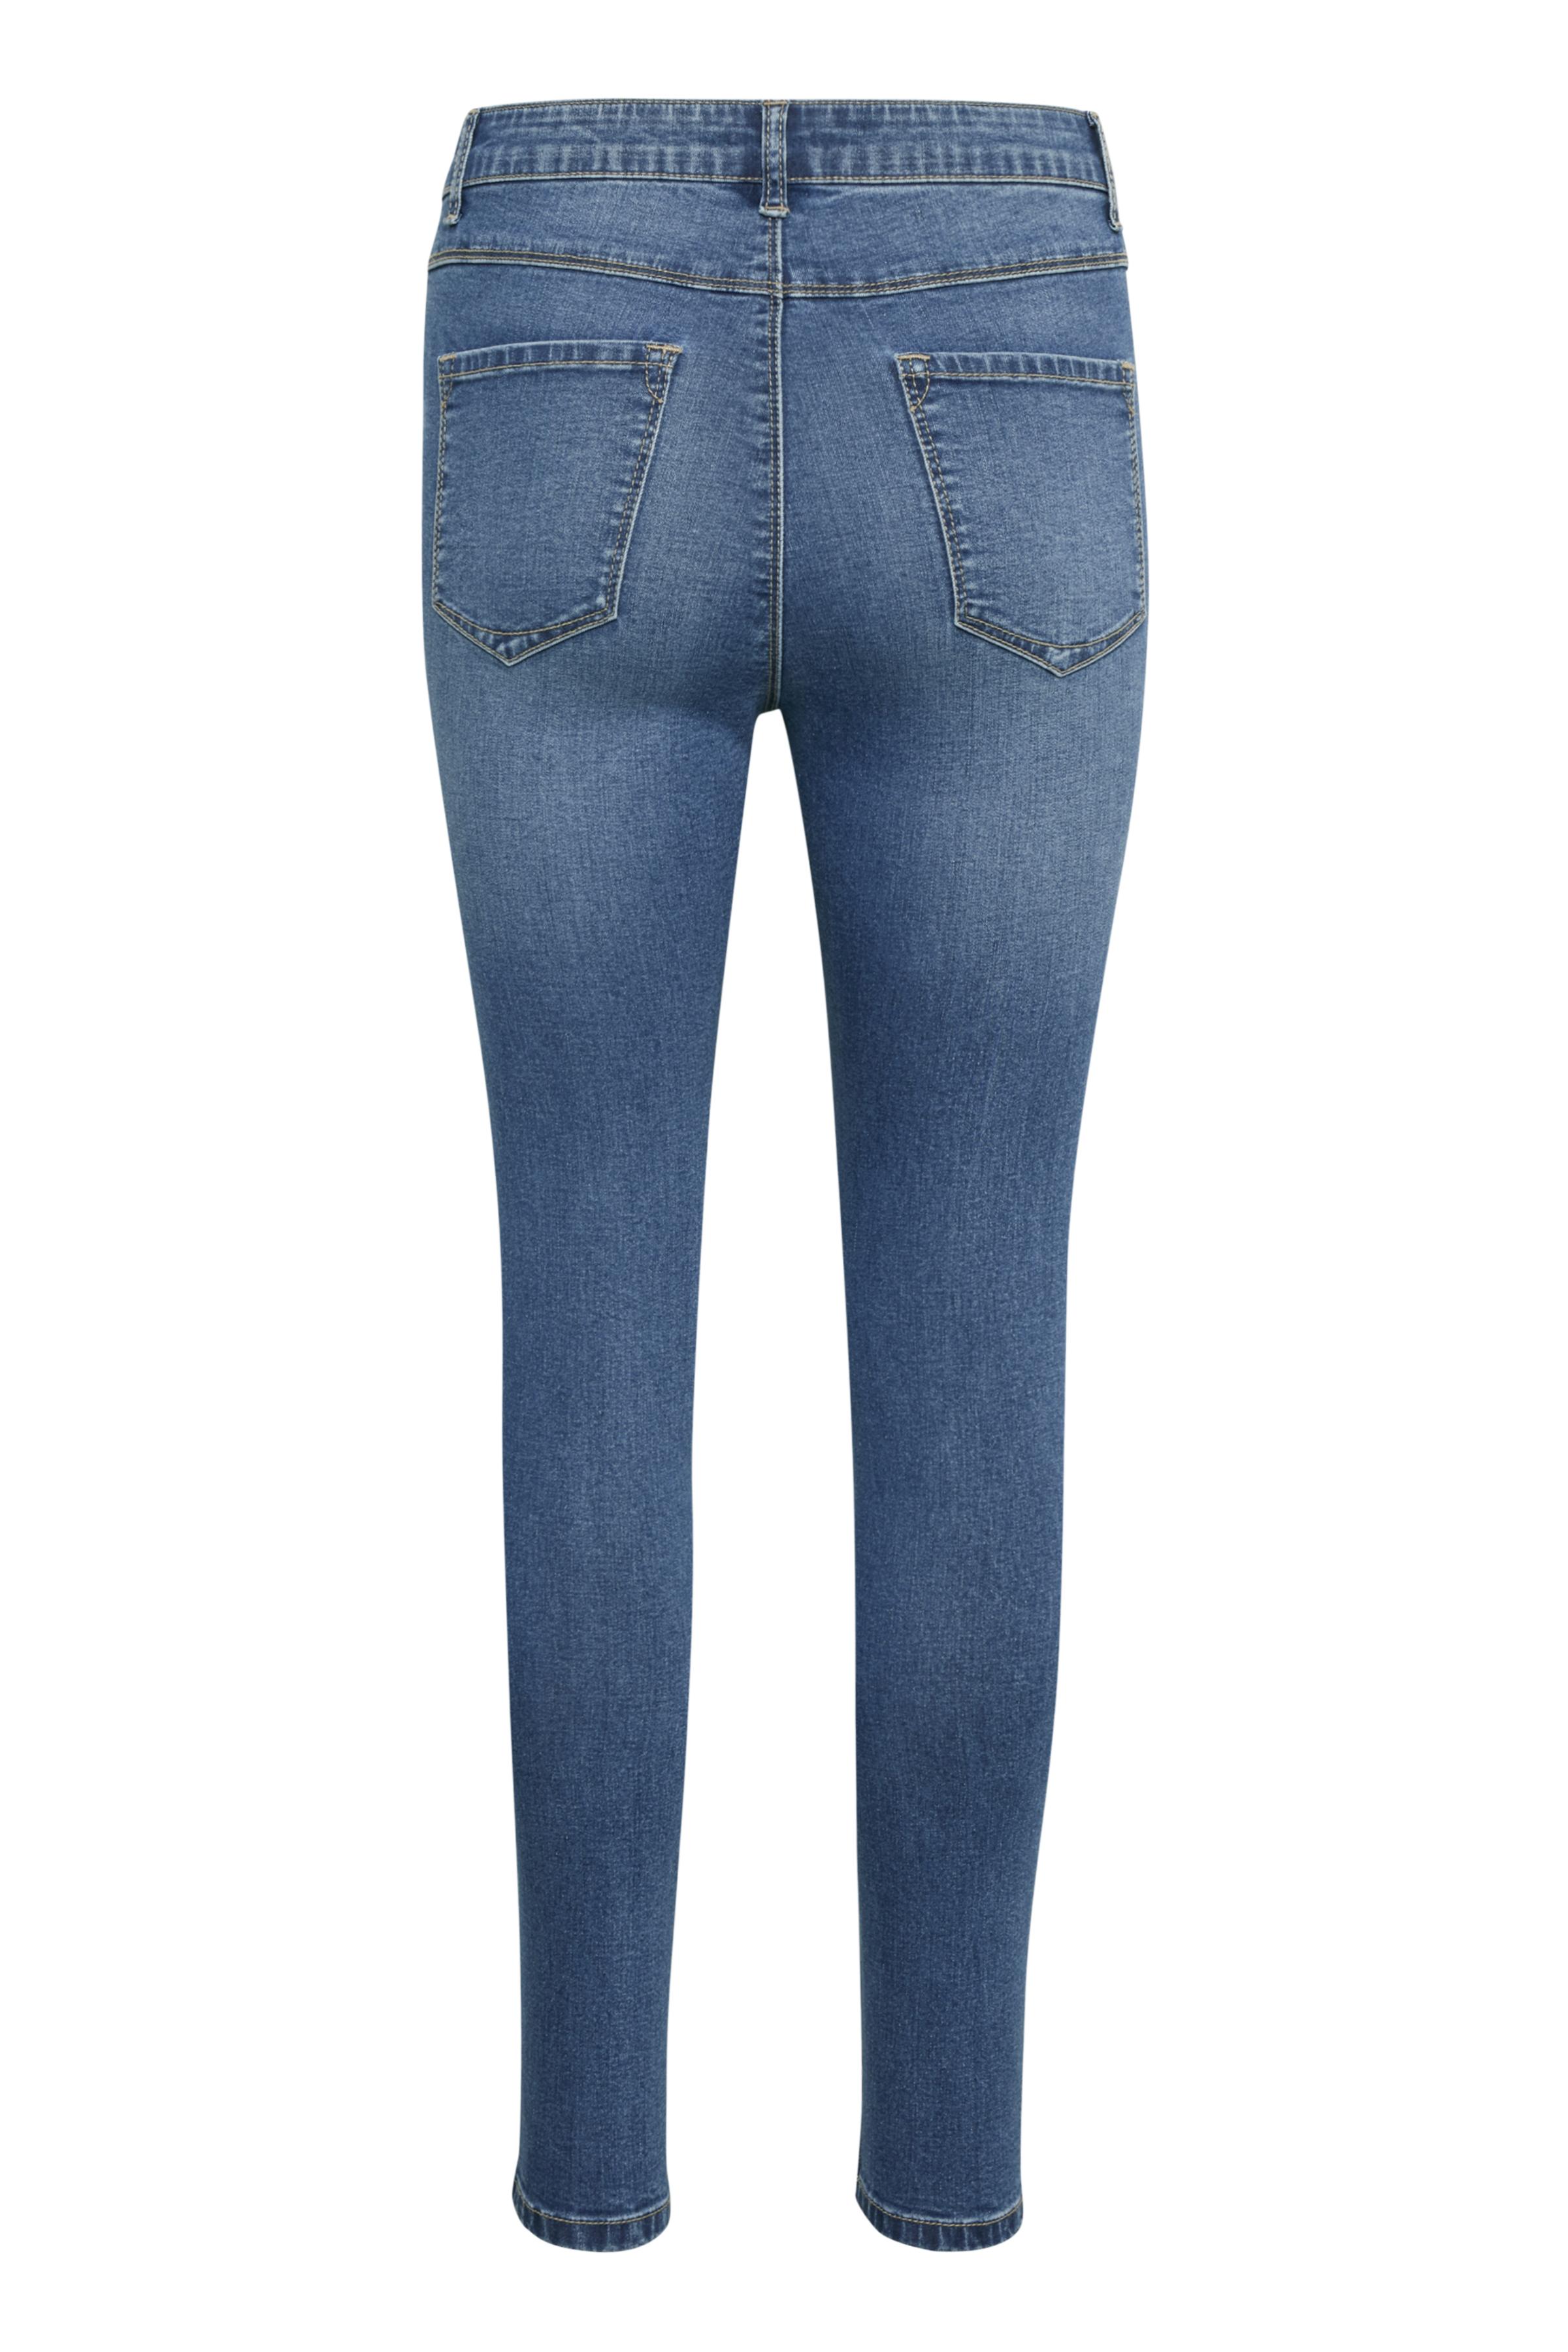 Denimblau Denim-Leggings von Bon'A Parte – Shoppen Sie Denimblau Denim-Leggings ab Gr. 36-48 hier